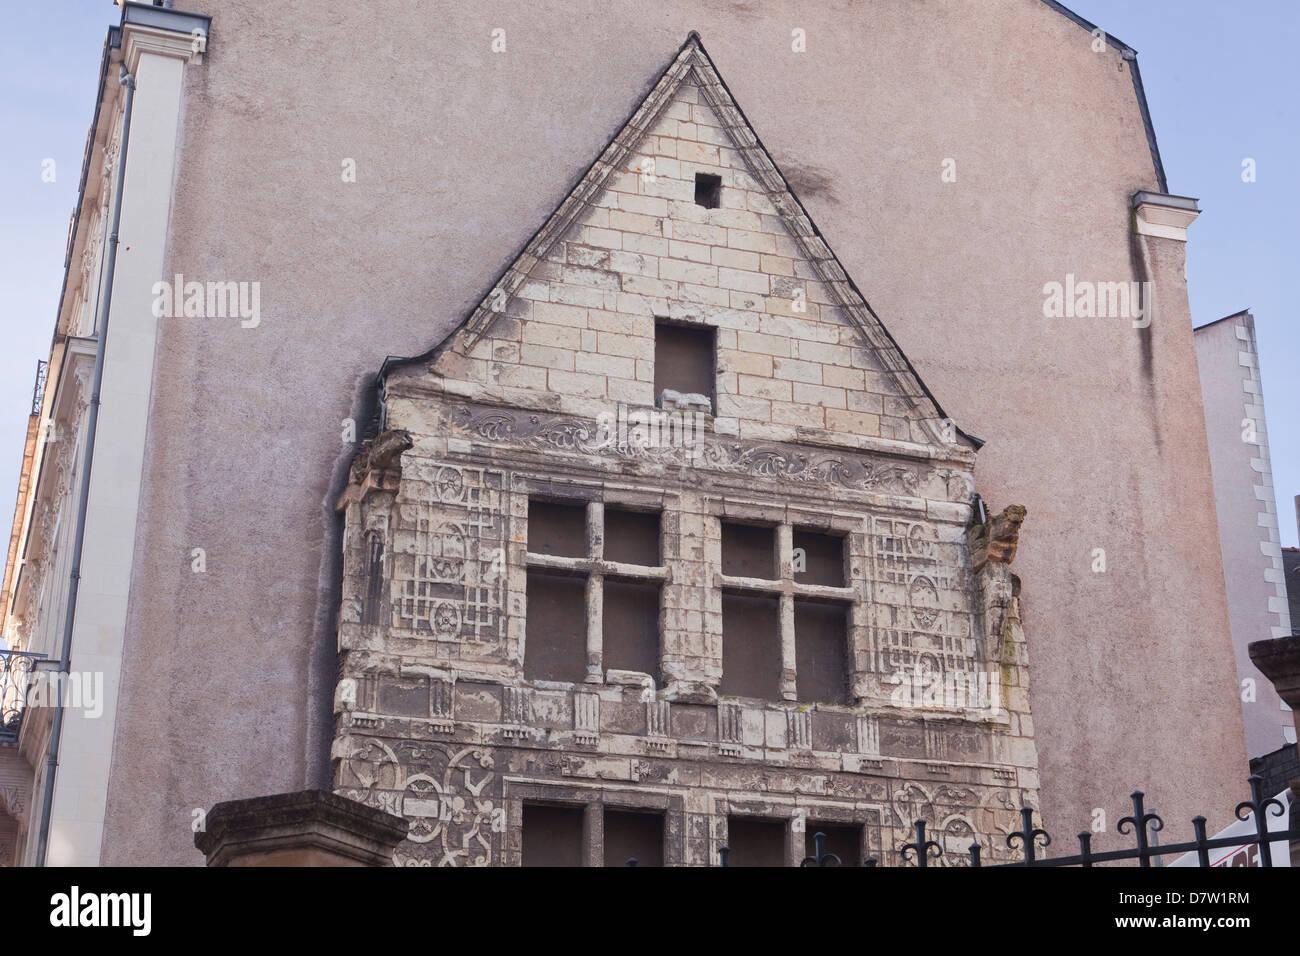 Bestandteil der Logis Pince in Angers, Maine-et-Loire, Frankreich Stockbild